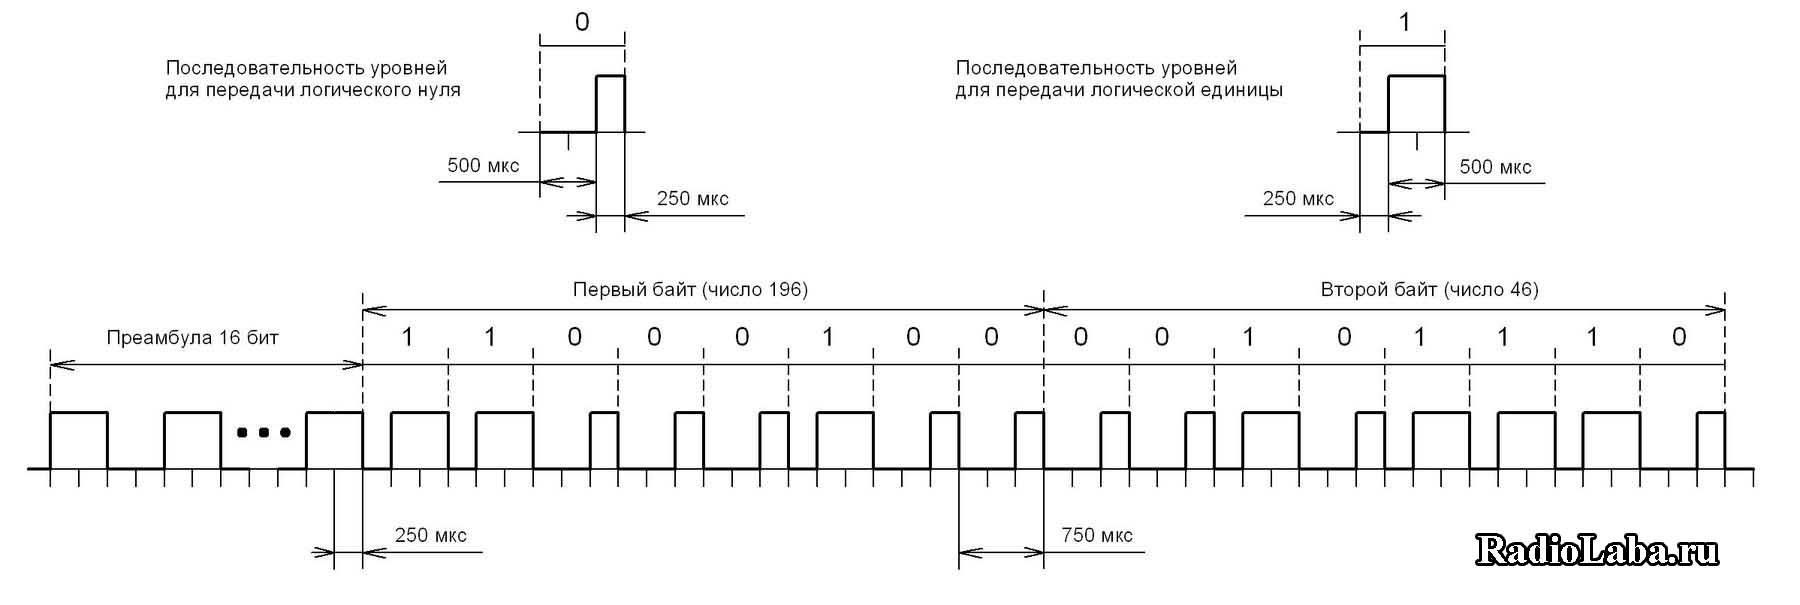 Протокол беспроводной связи